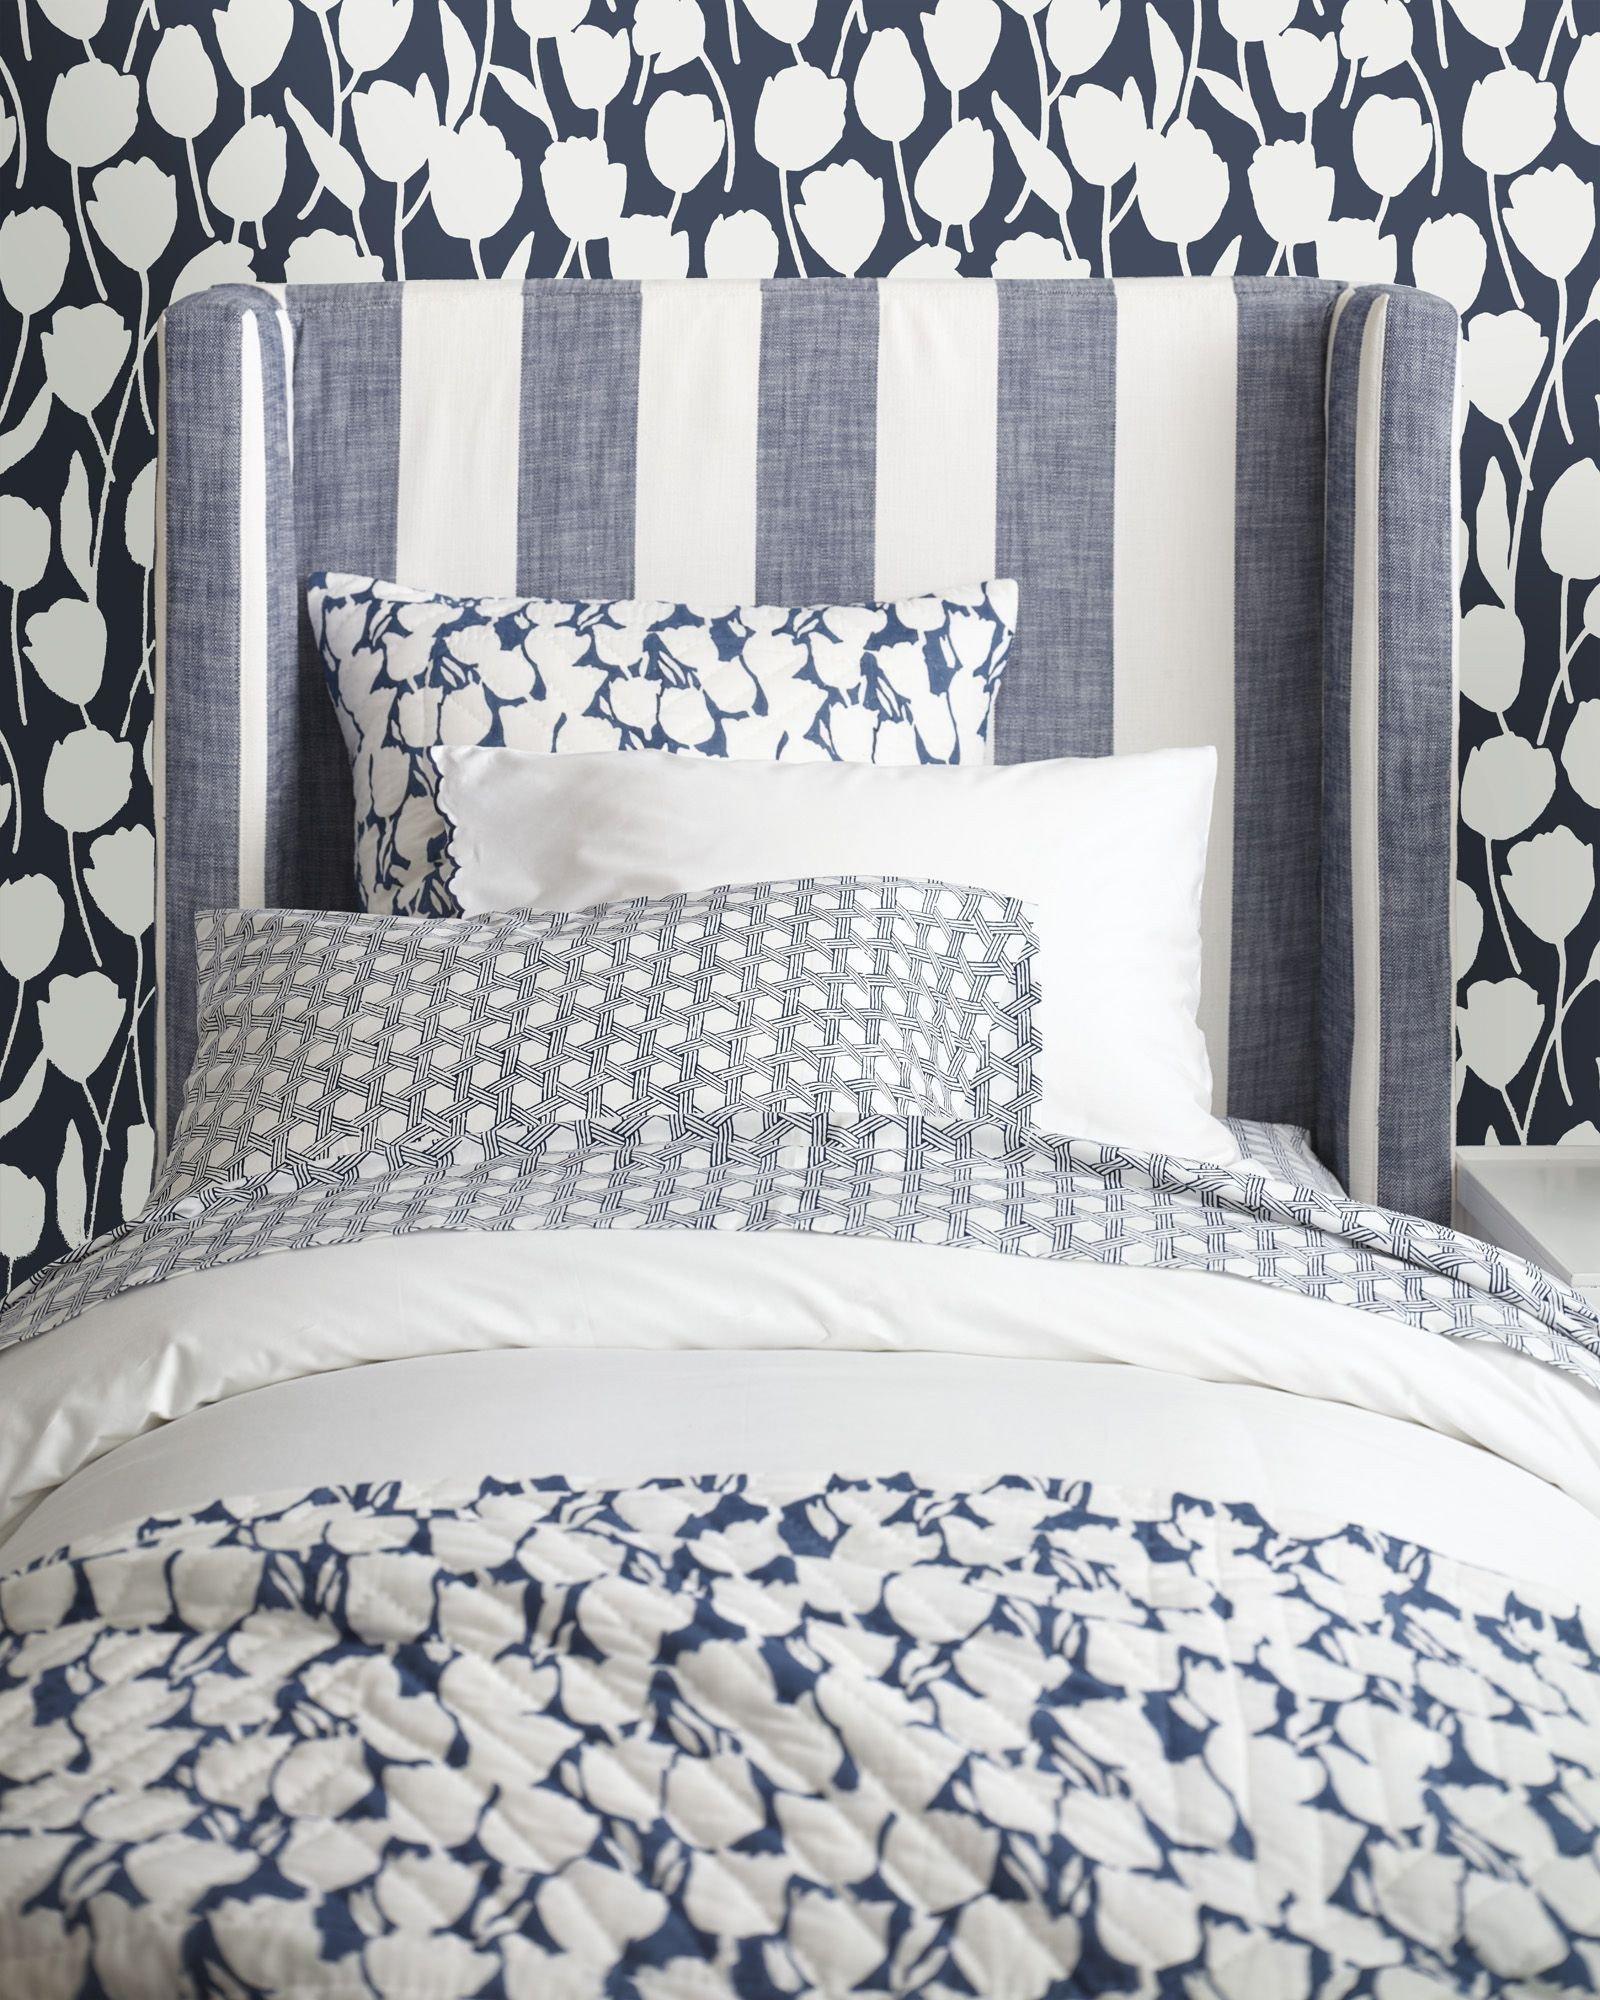 Wallpapers for Girls Bedroom Luxury Cortina Quilt Wallpaper Patterns Kids Bedroom